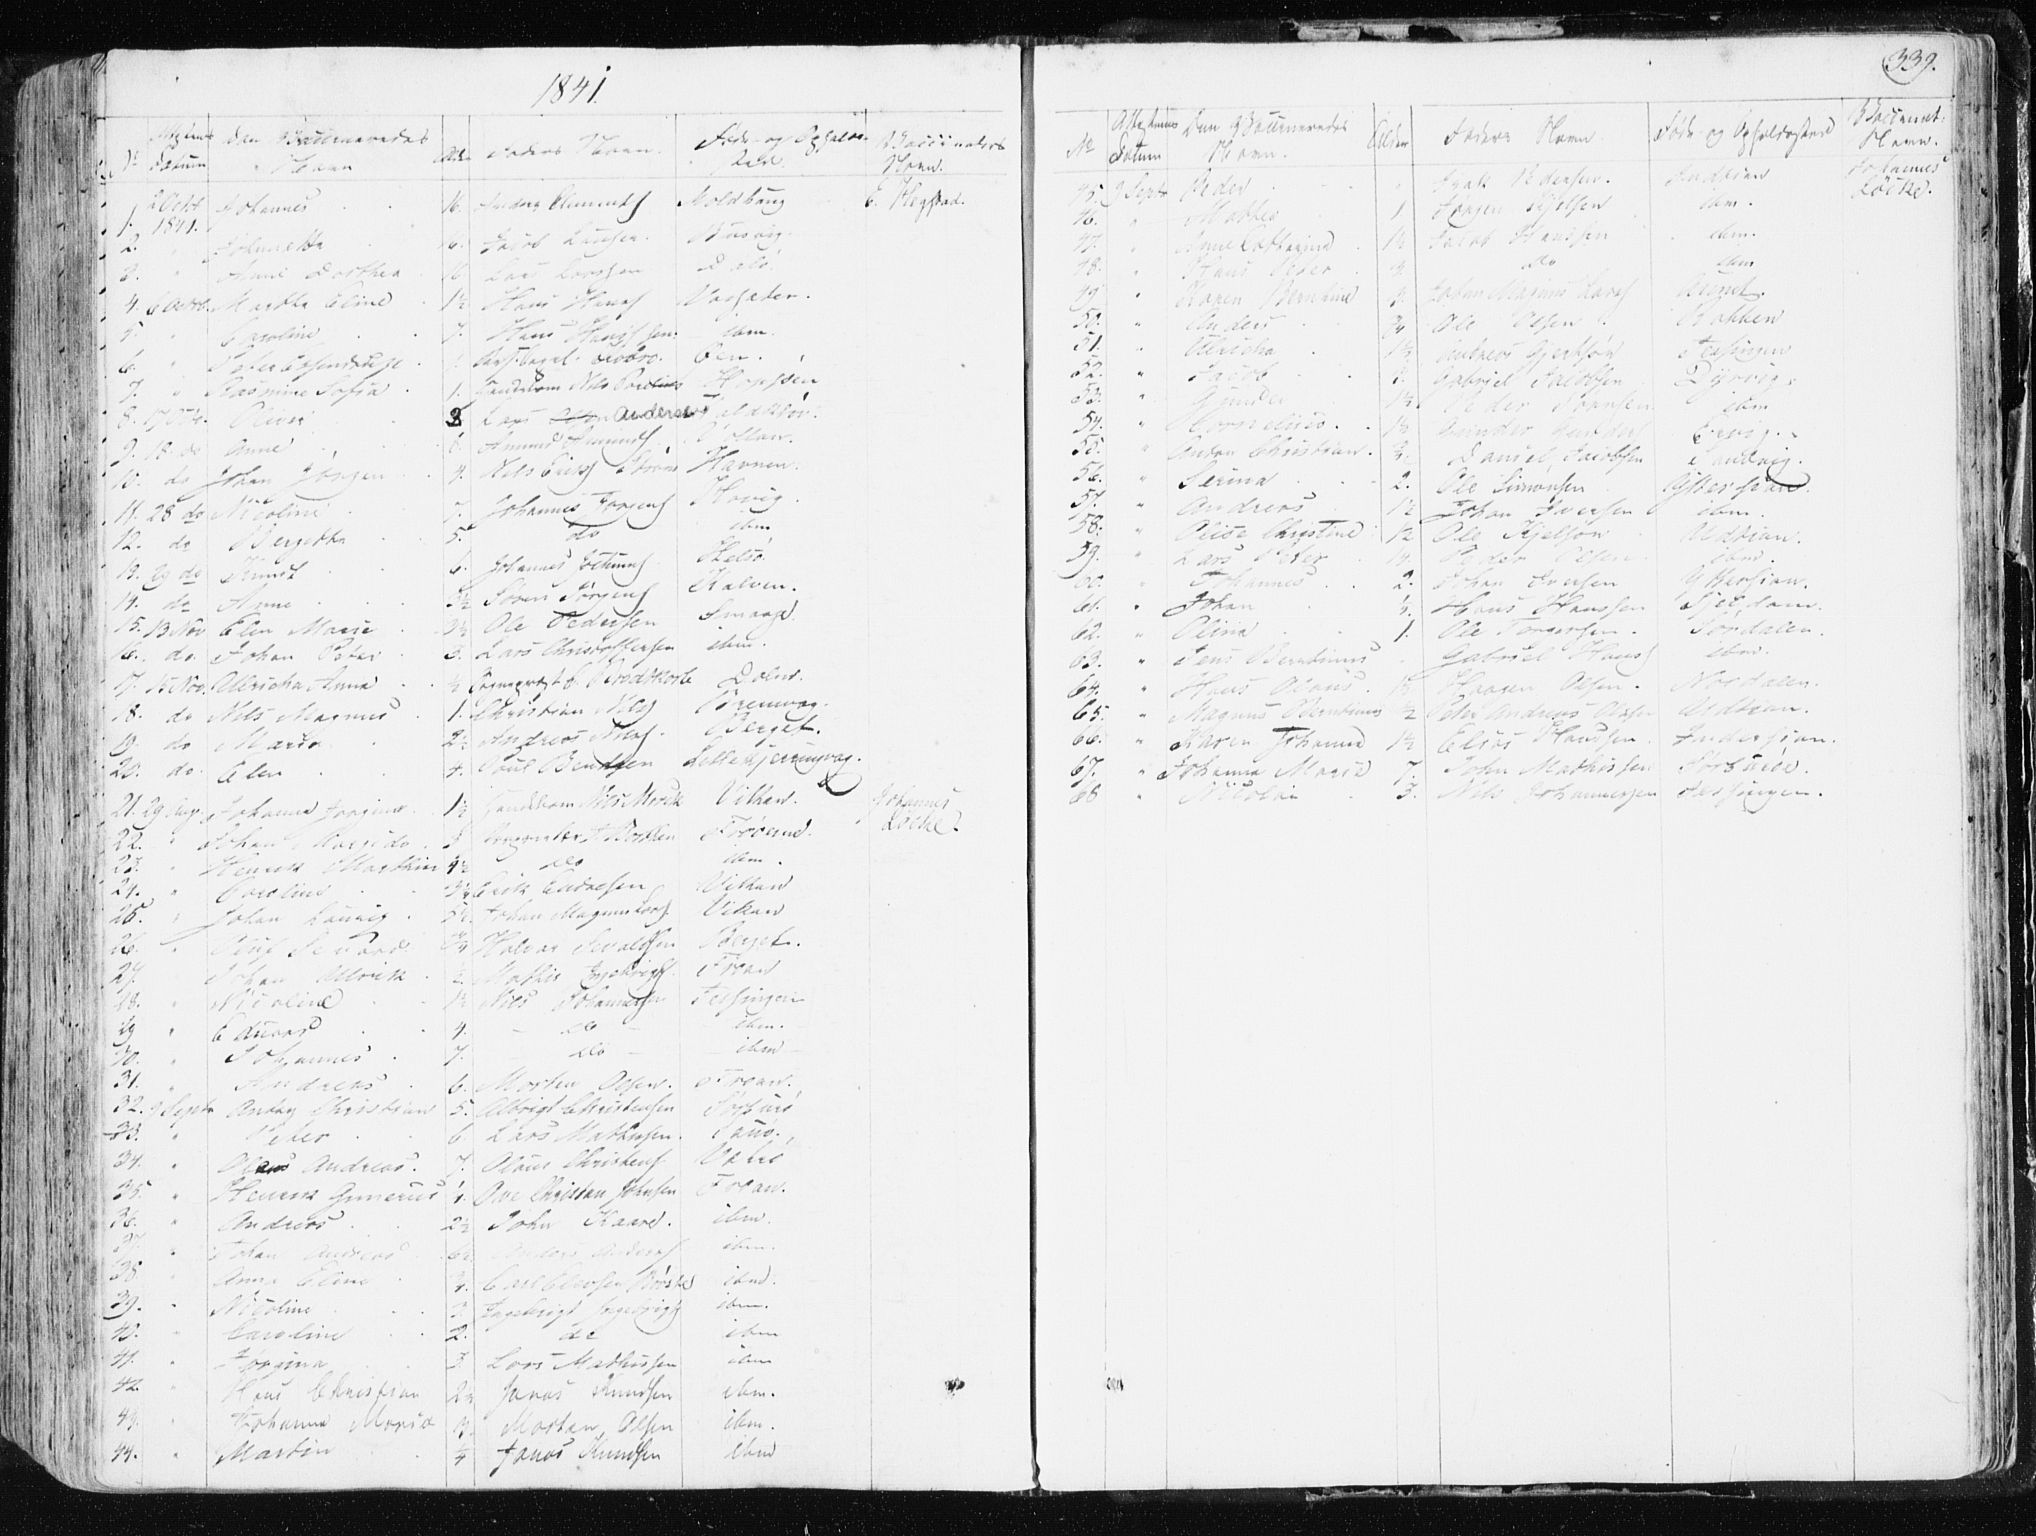 SAT, Ministerialprotokoller, klokkerbøker og fødselsregistre - Sør-Trøndelag, 634/L0528: Ministerialbok nr. 634A04, 1827-1842, s. 339